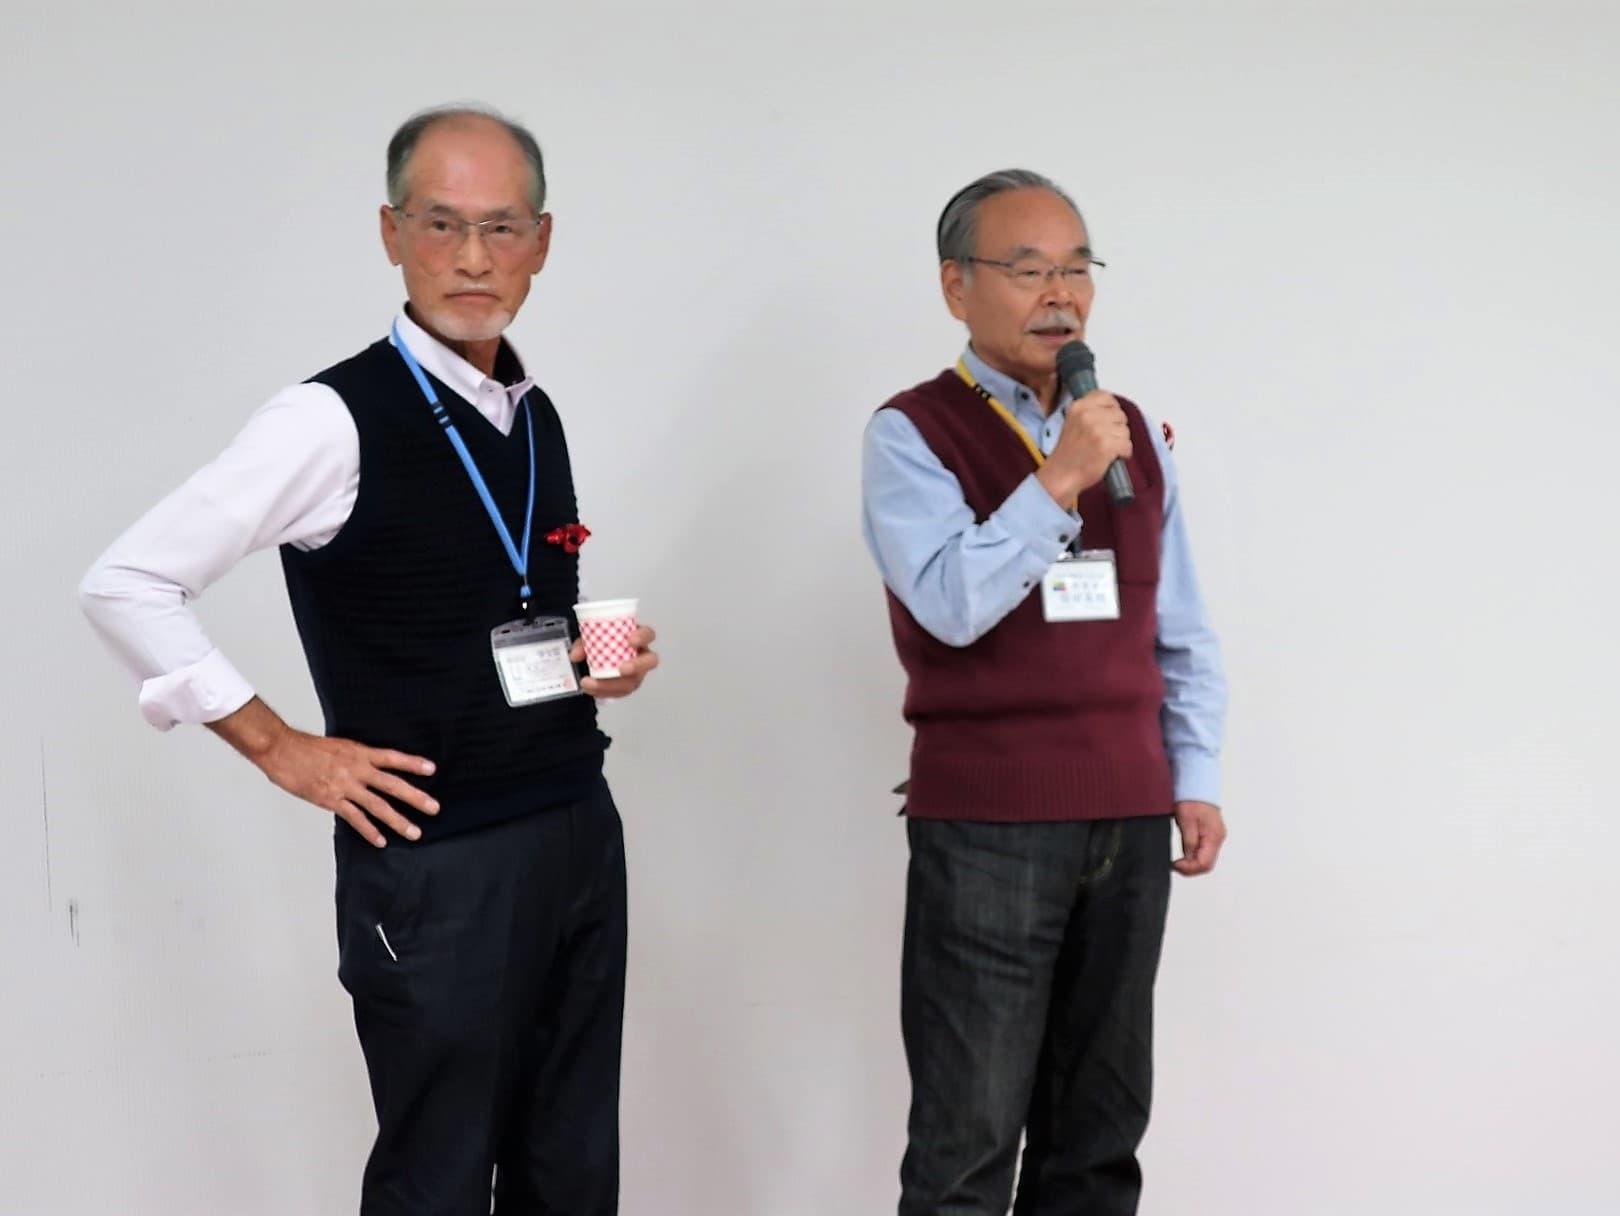 活動紹介(フードネット江戸川)